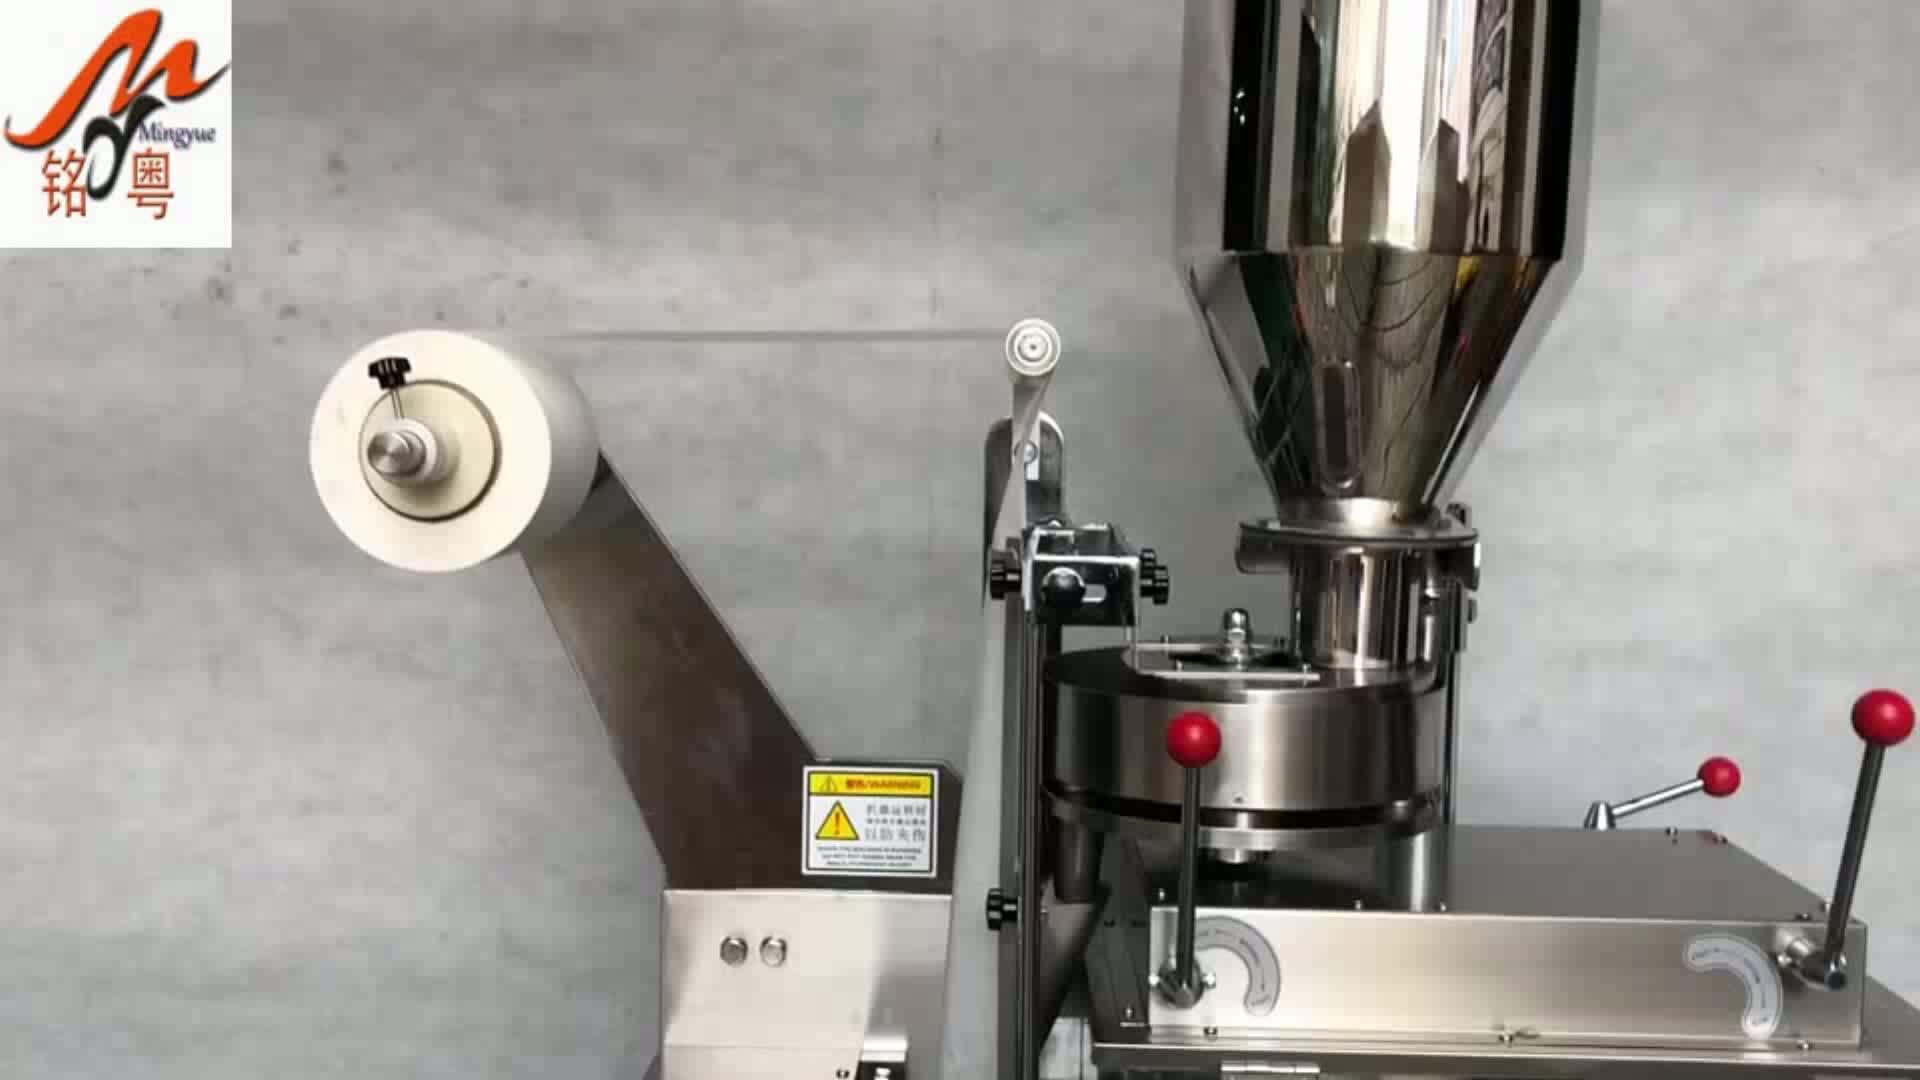 中小企業のための中小企業のティーバッグのパッキング機械